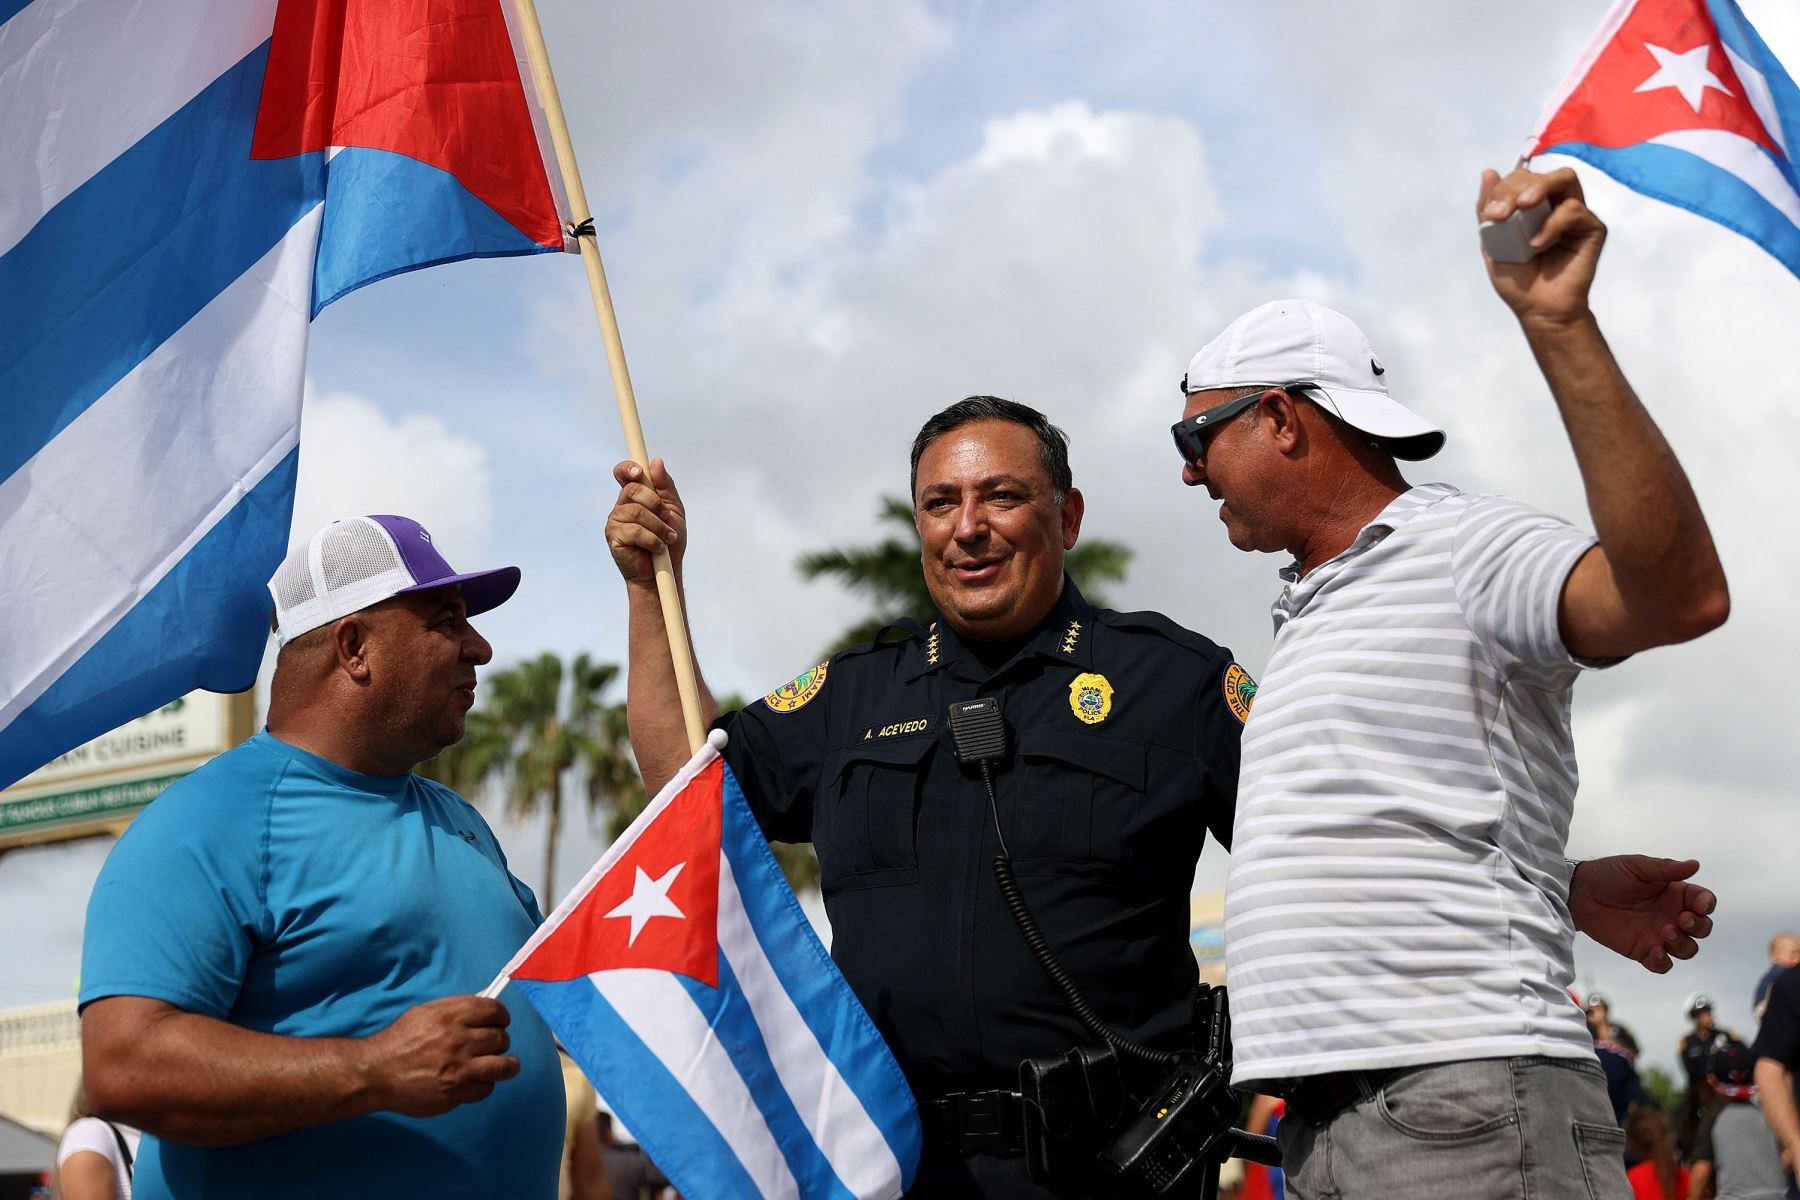 El jefe de policía de Miami, se encuentra con los manifestantes reunidos frente al restaurante Versailles para mostrar su apoyo a la gente en Cuba que ha salido a las calles para protestar  en Miami, Florida. Foto: AFP